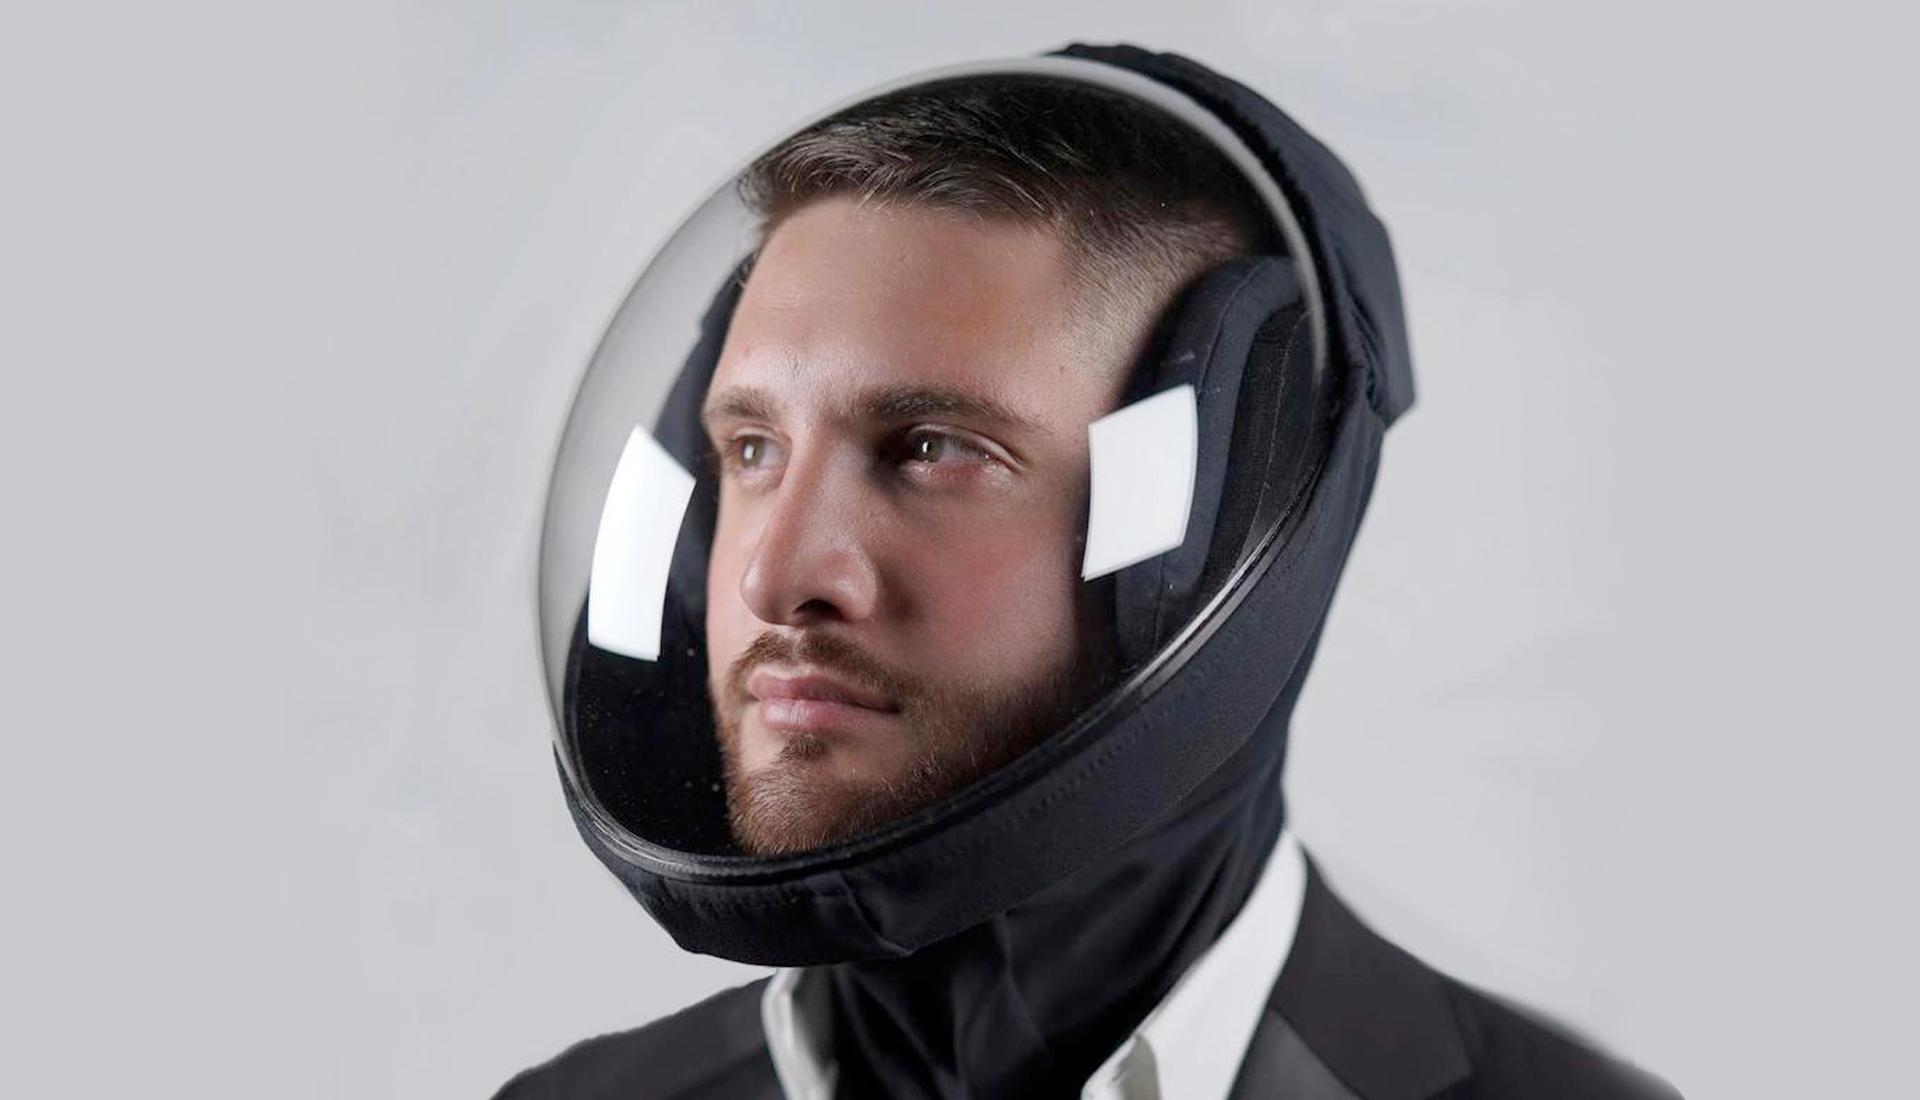 Защитный шлем с фильтрами от MicroClimate